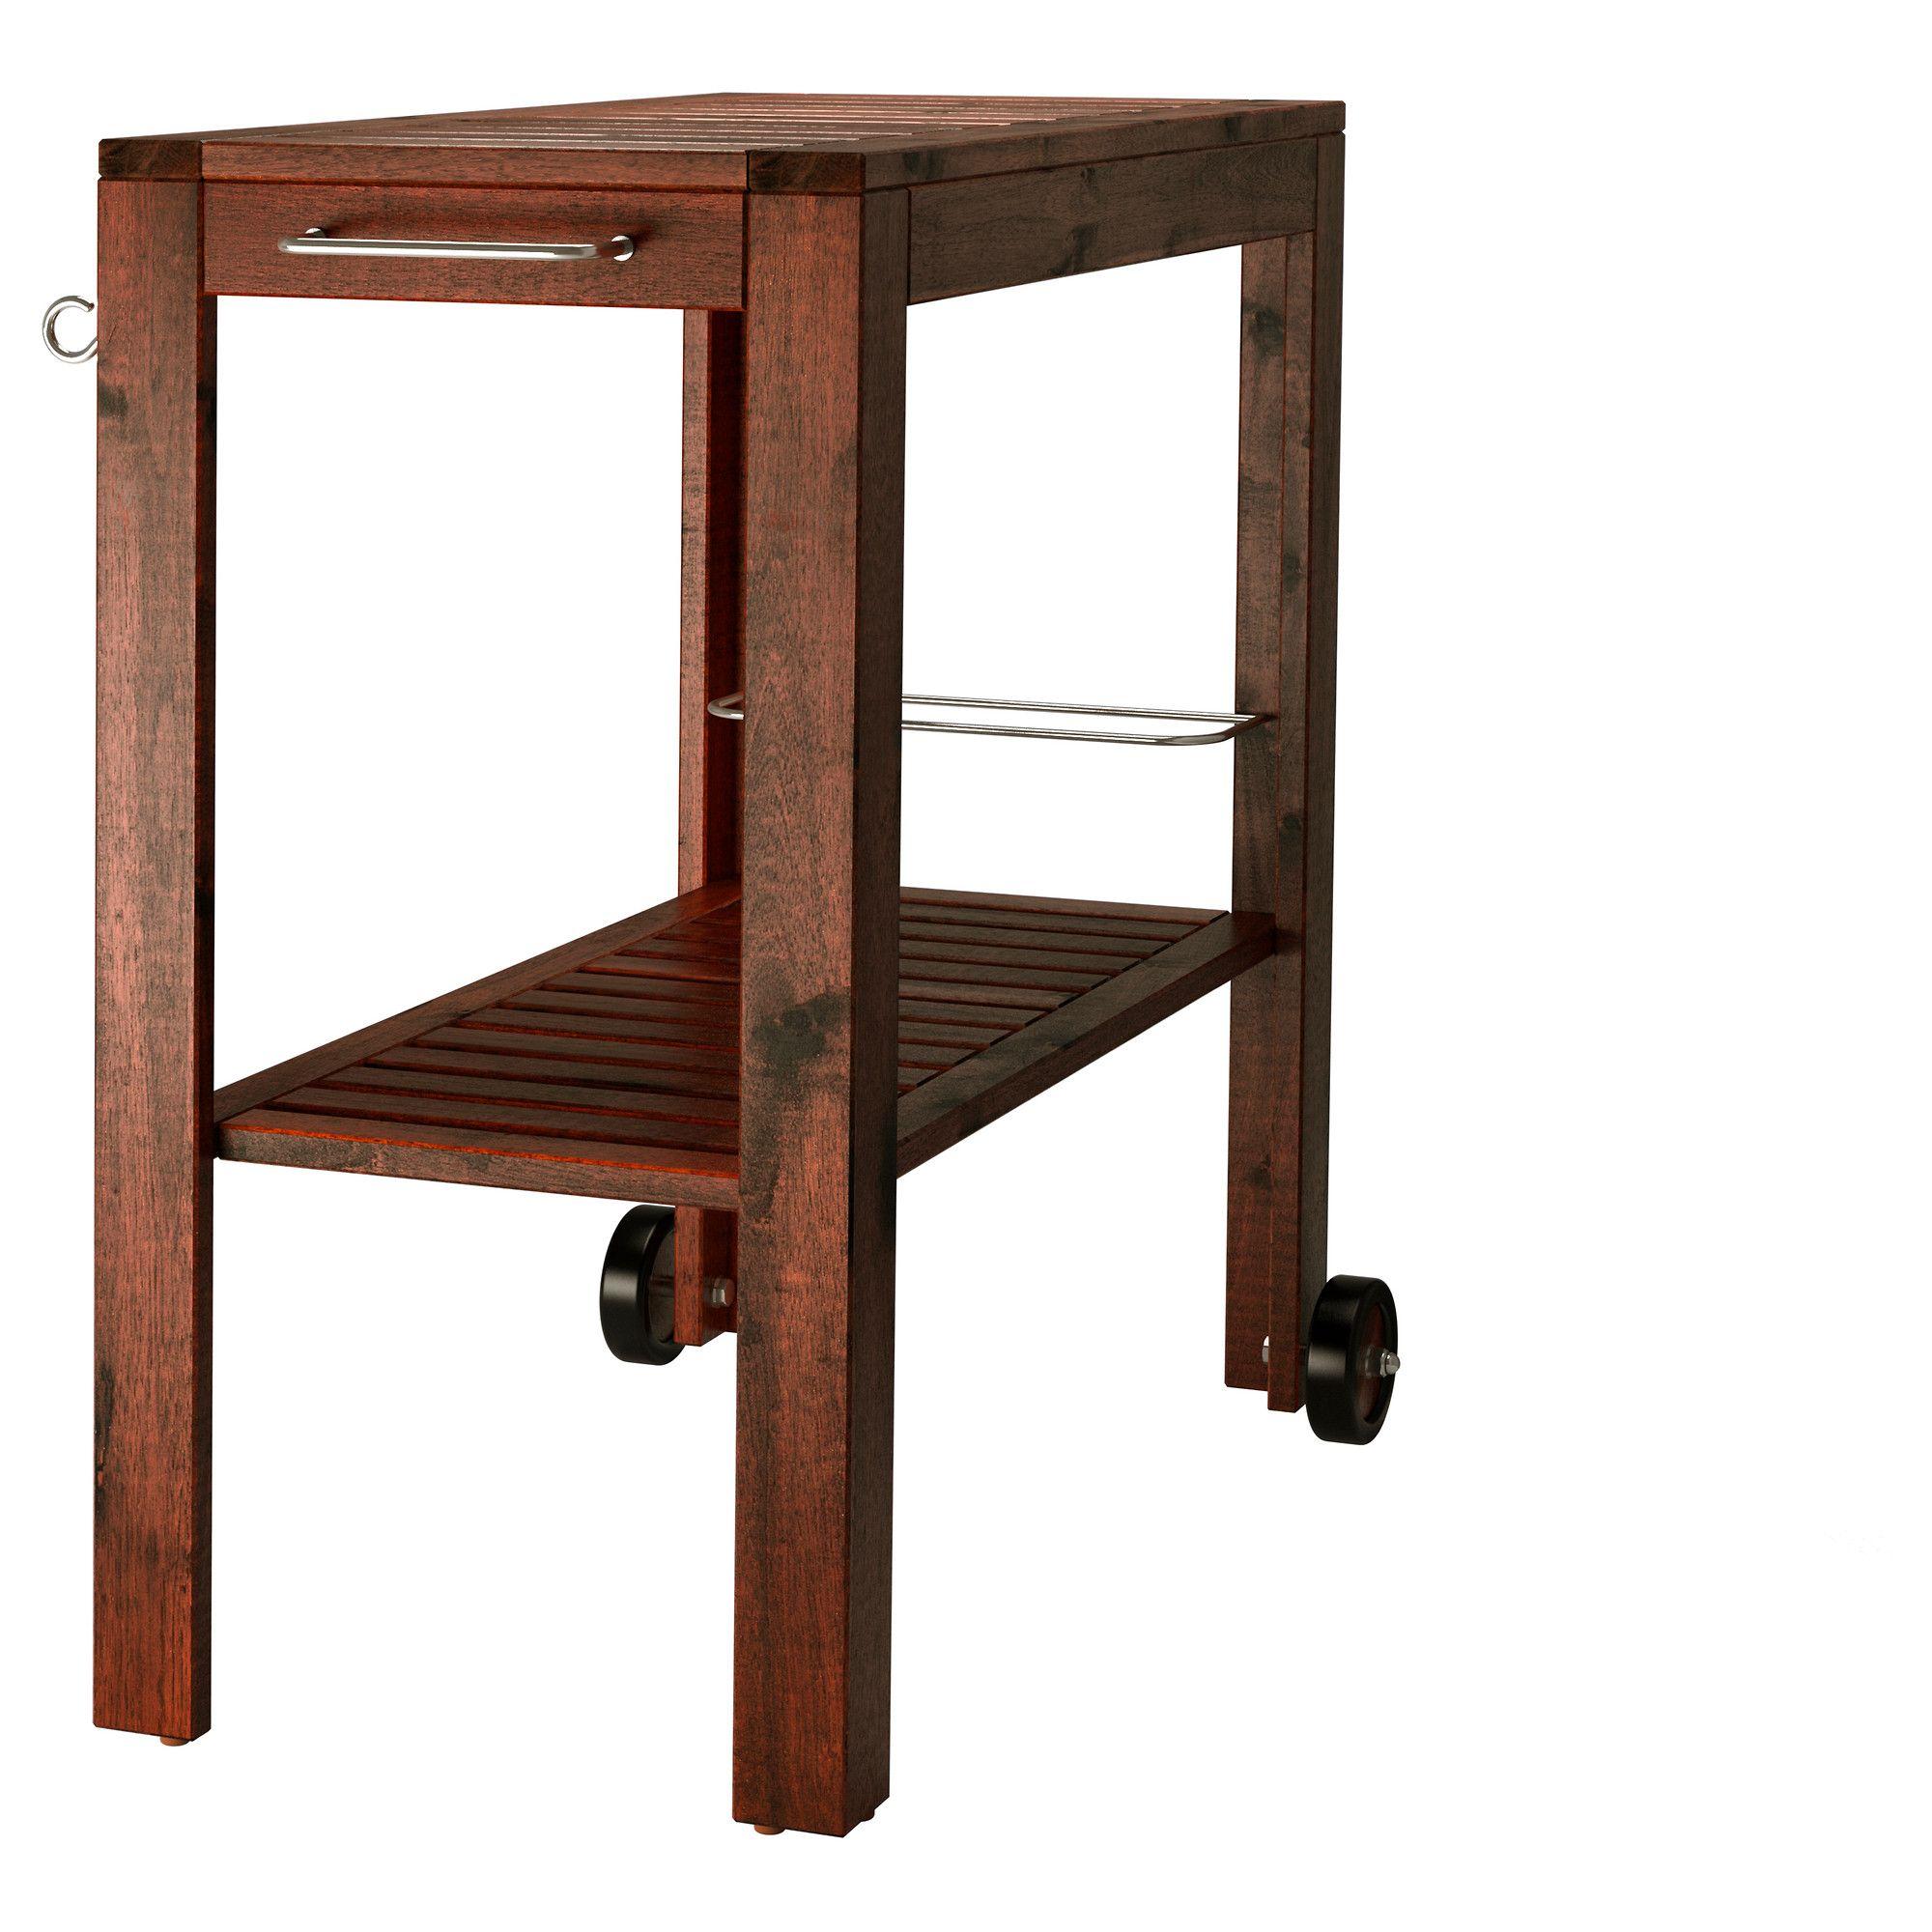 Meubles Et Accessoires   Mobilier De Salon, Ikea Et à Mobilier De Jardin Ikea